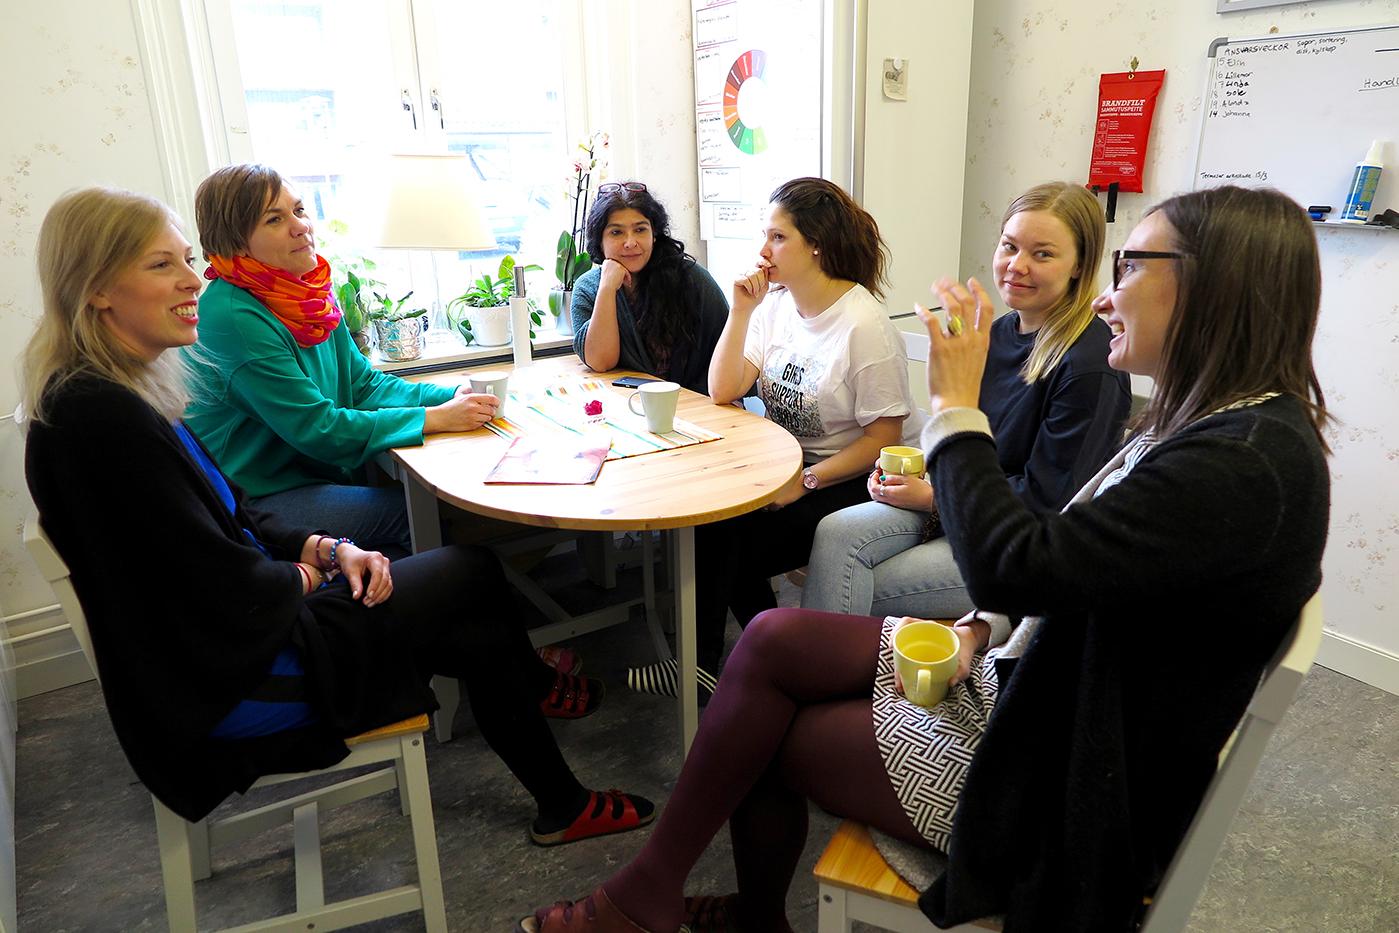 Kvinno- och tjejjouren i Västerås, foto Marja Bäckman